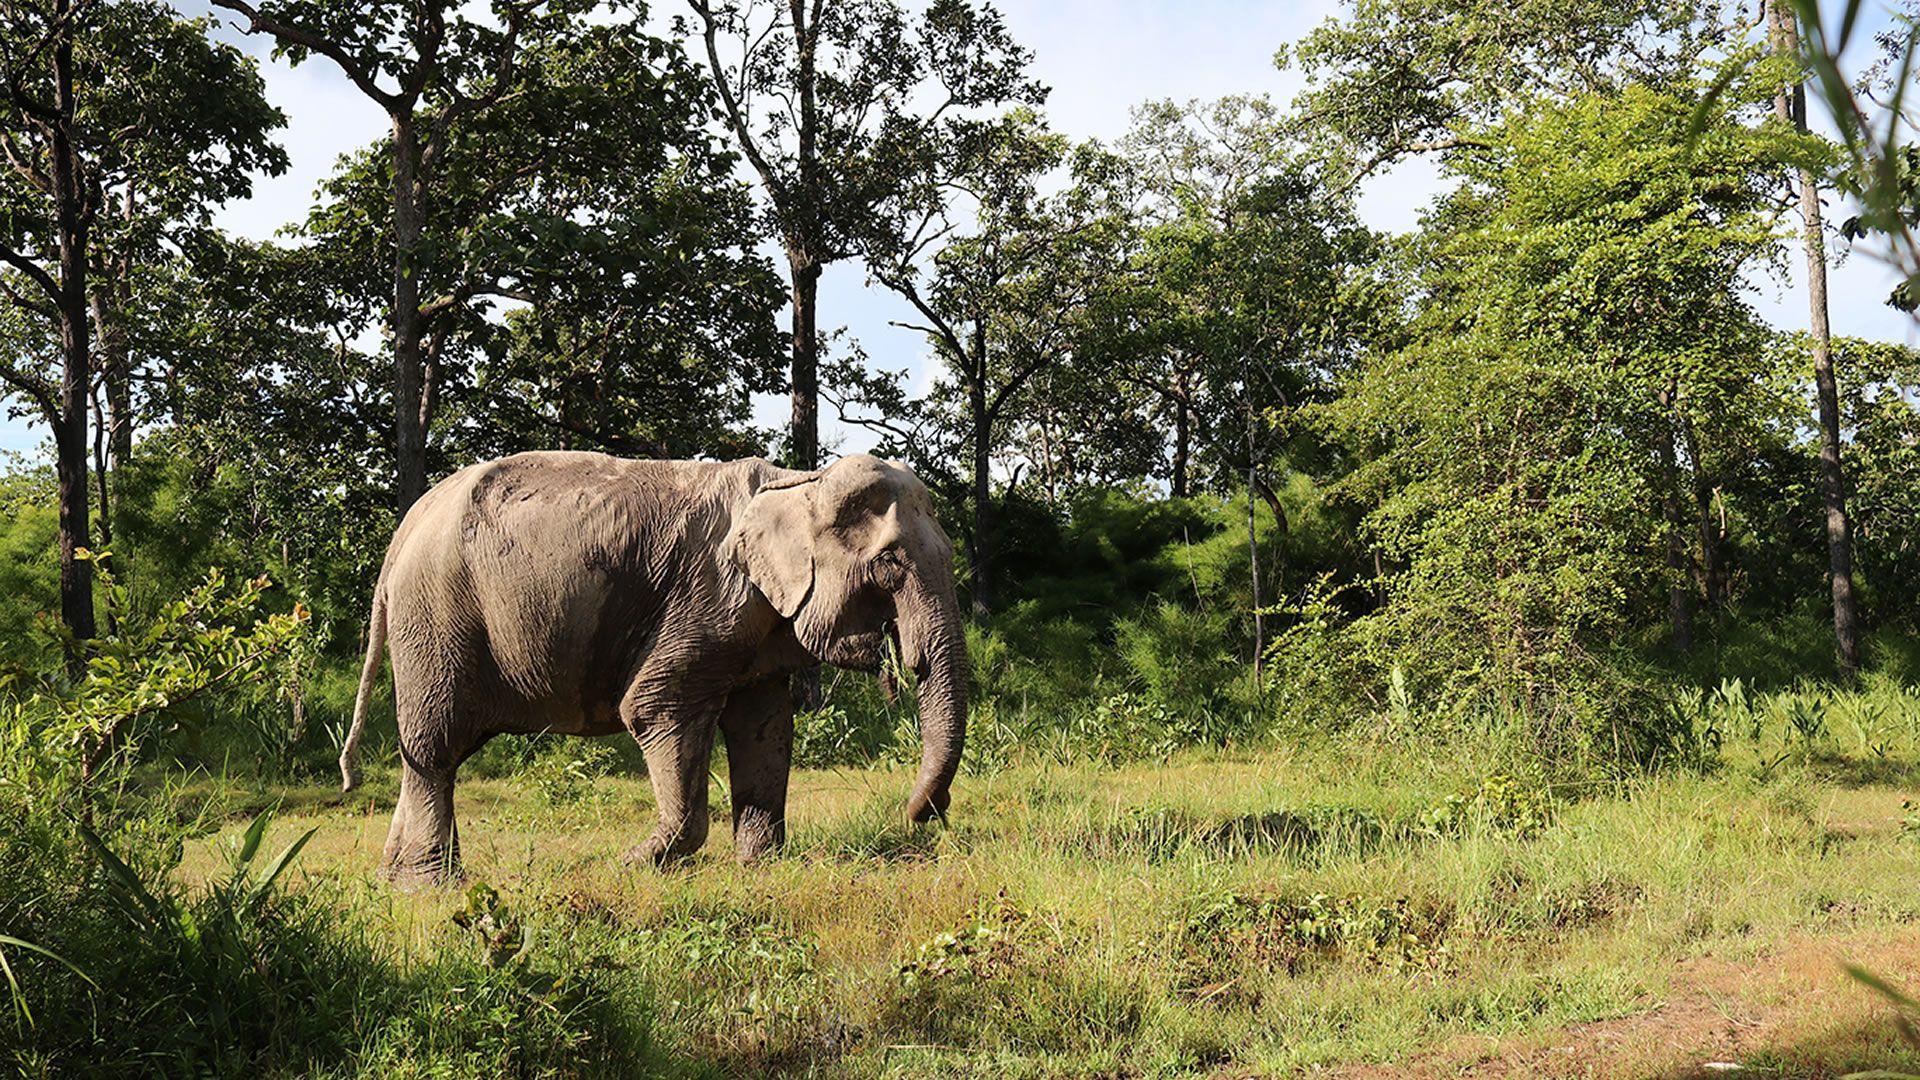 Subir a un elefante, una tendencia que va camino a desaparecer